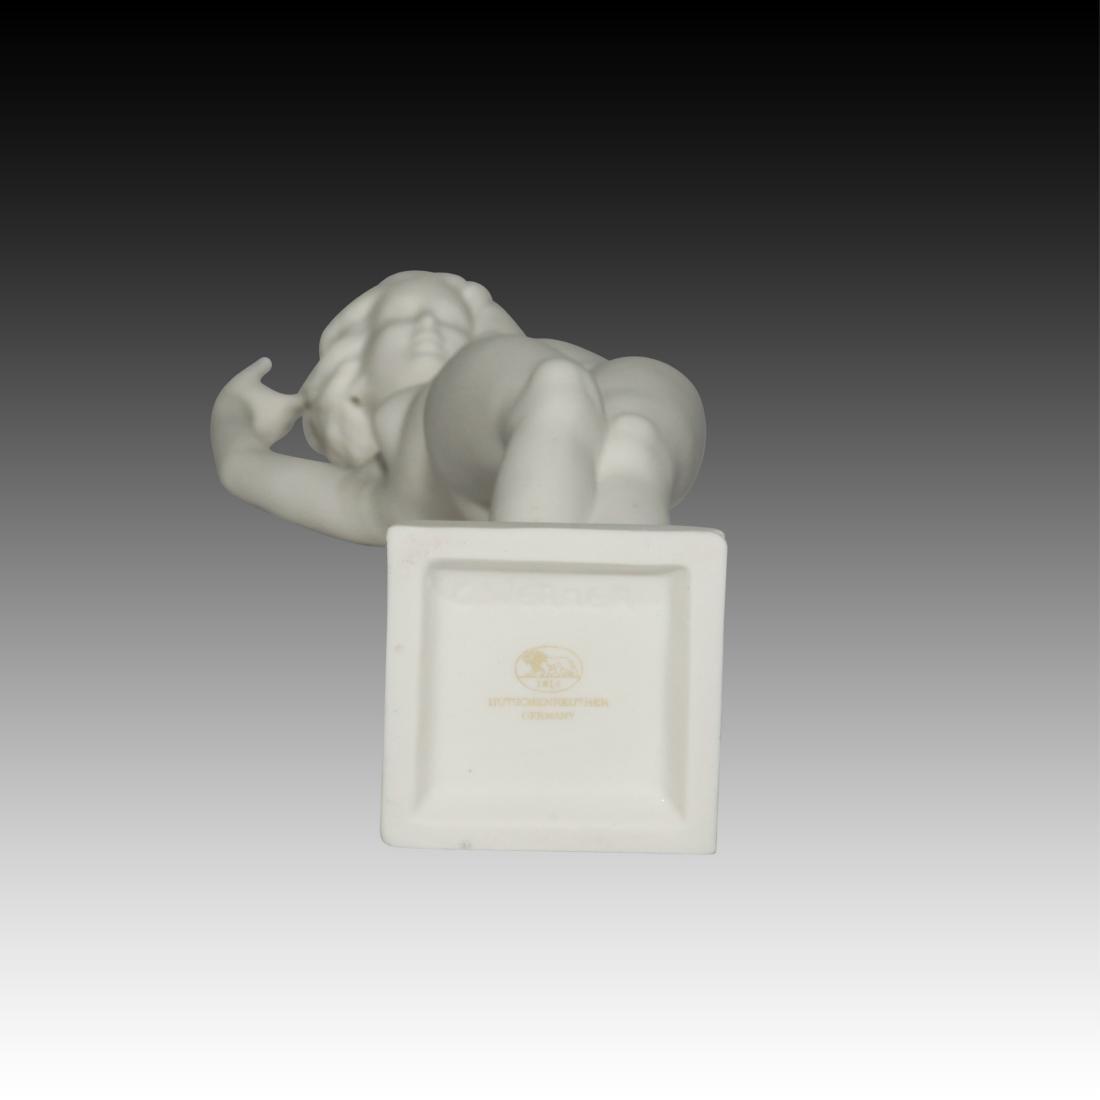 """Hutschenreuther """"Diosa del Sol"""" Figurine - 3"""